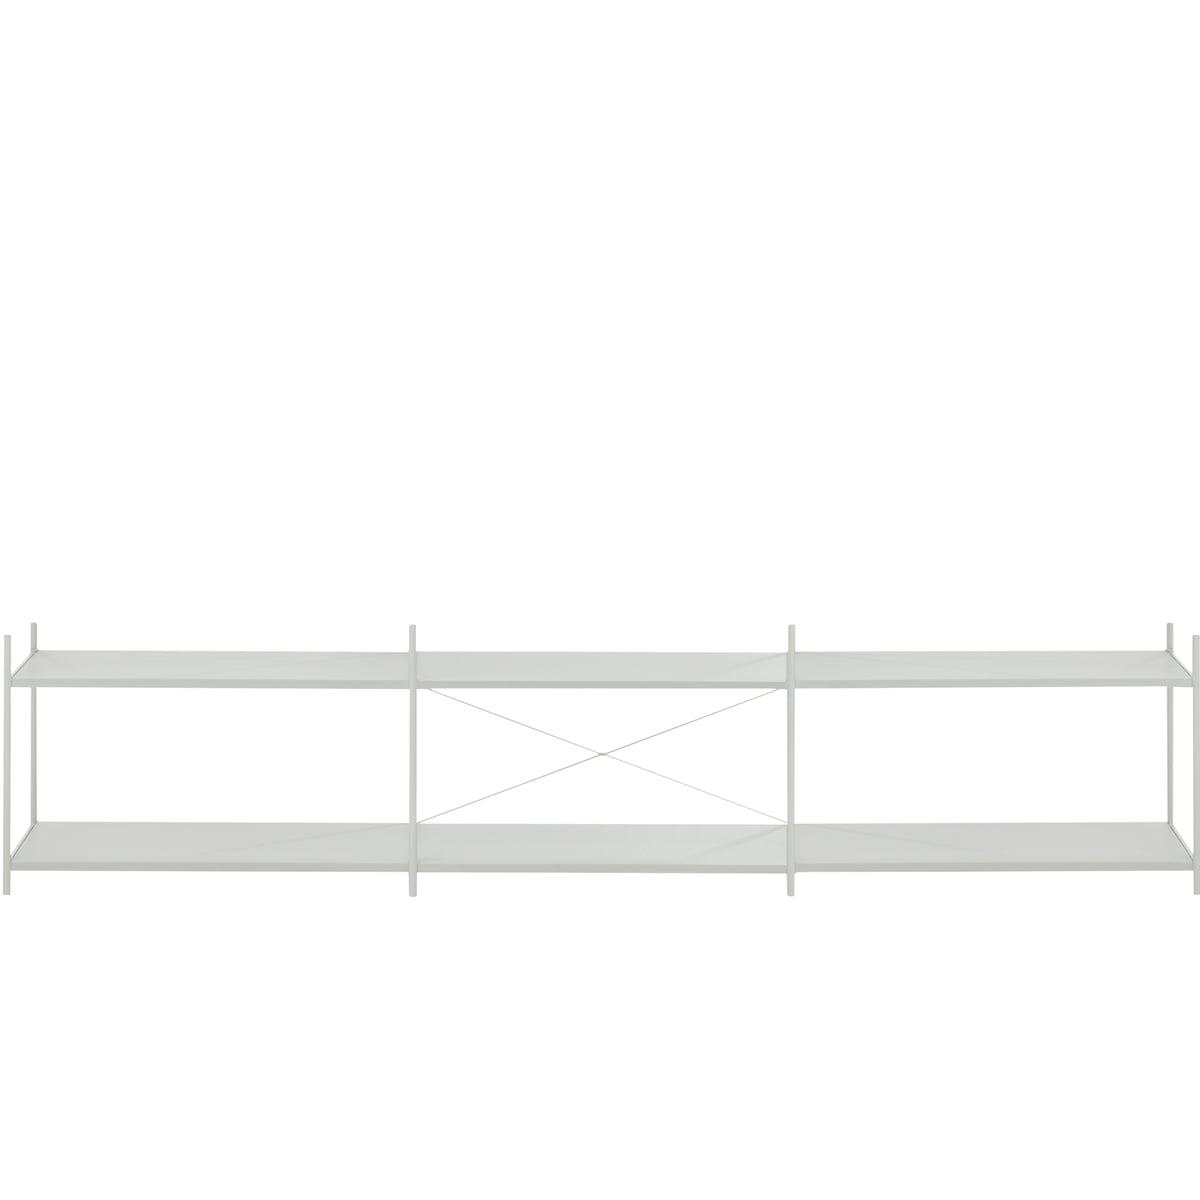 ferm Living - Punctual Regalsystem 3x2, grau | Wohnzimmer > Regale > Regalsysteme | Grau | ferm living